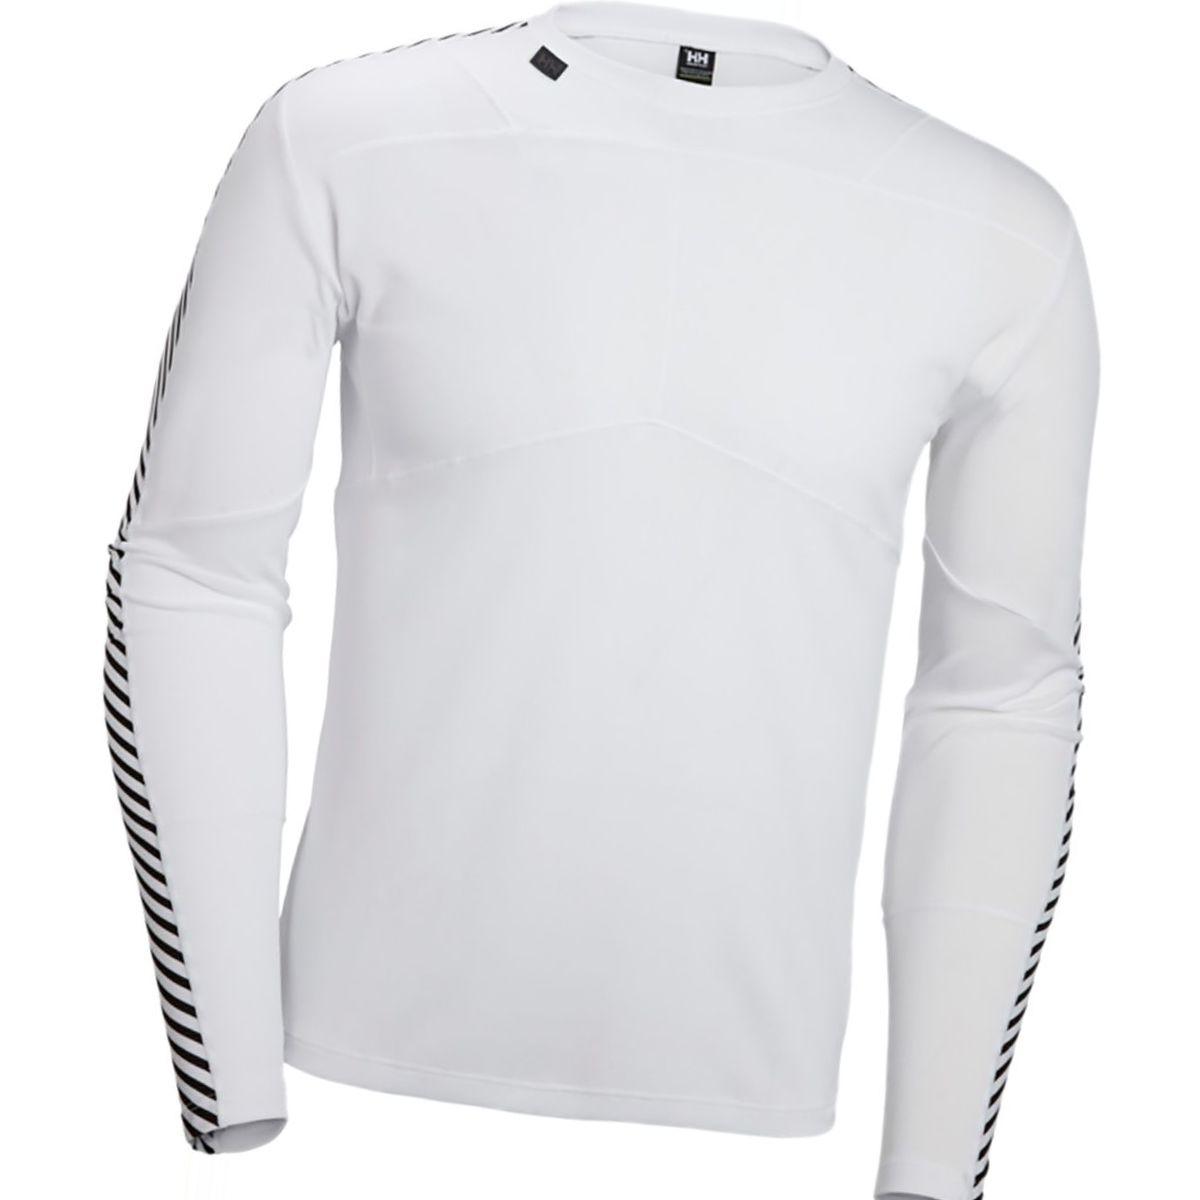 Helly Hansen HH Lifa Crew Long-Sleeve Shirt - Men's